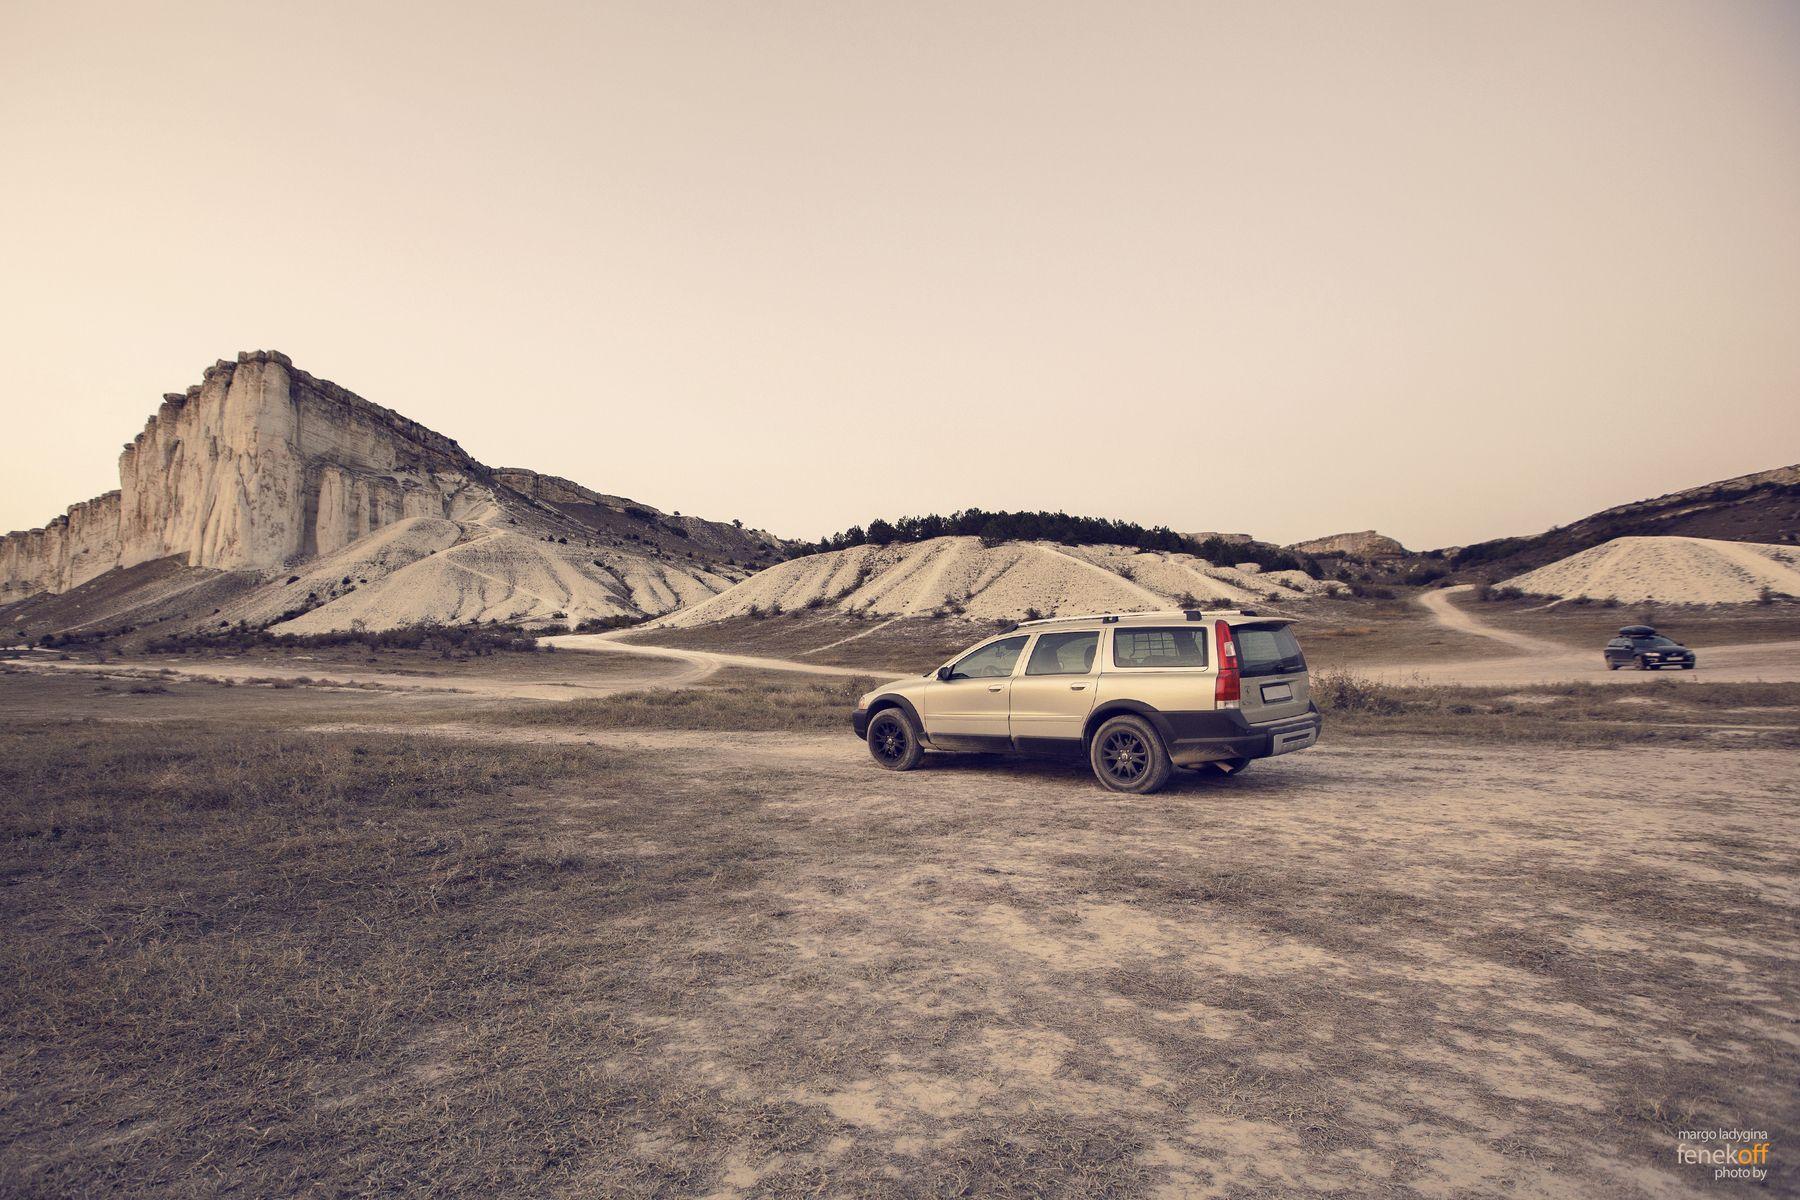 Путешествие по марсианскому пейзажу белая скала крым белогорск закат вольво хс70 путешествие white rock crimea belogorsk volvo xc70 cross country sunset